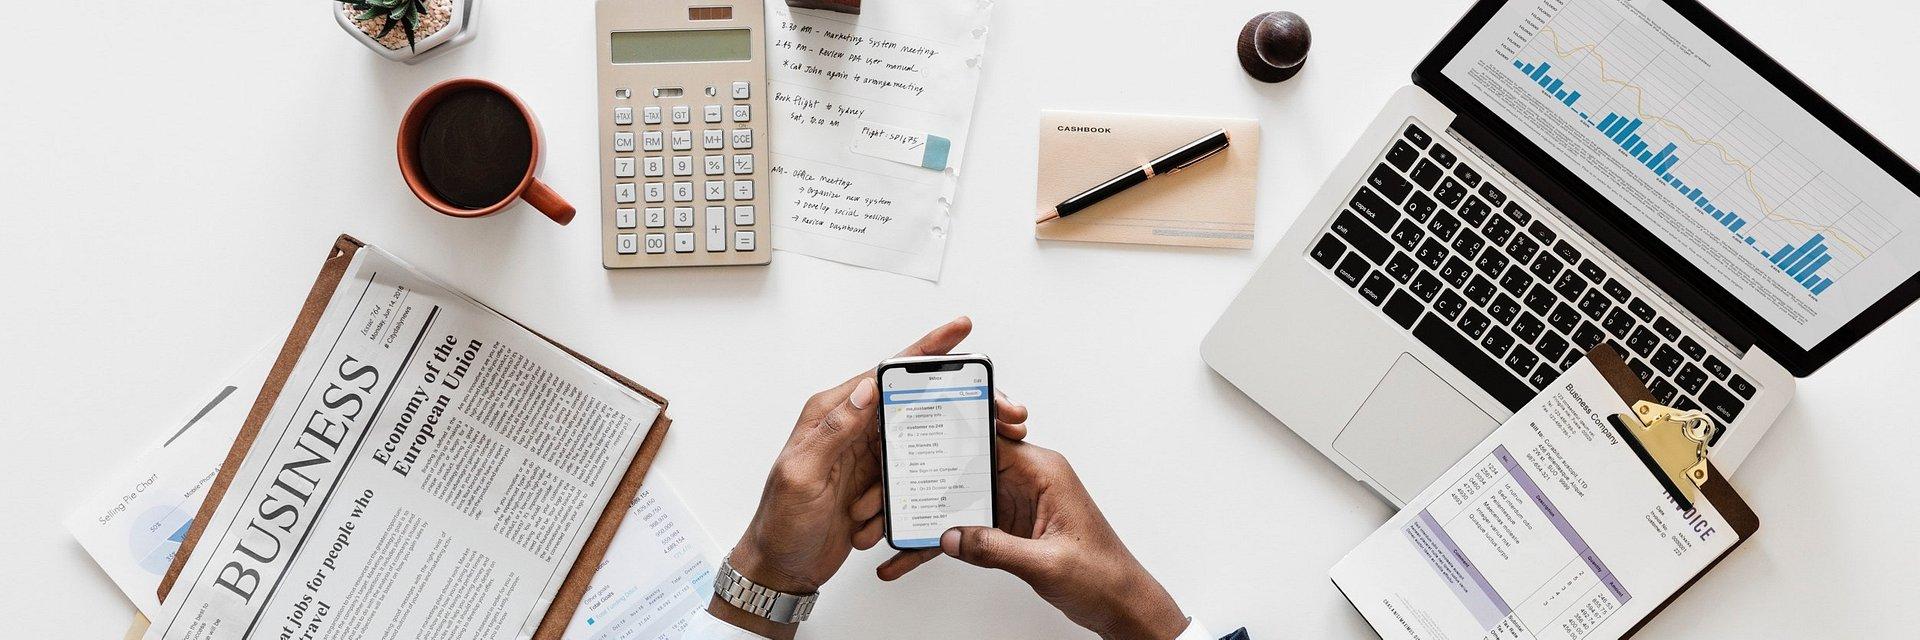 Innowacje w sprzedaży: marketplace'y trendem na 2019 rok